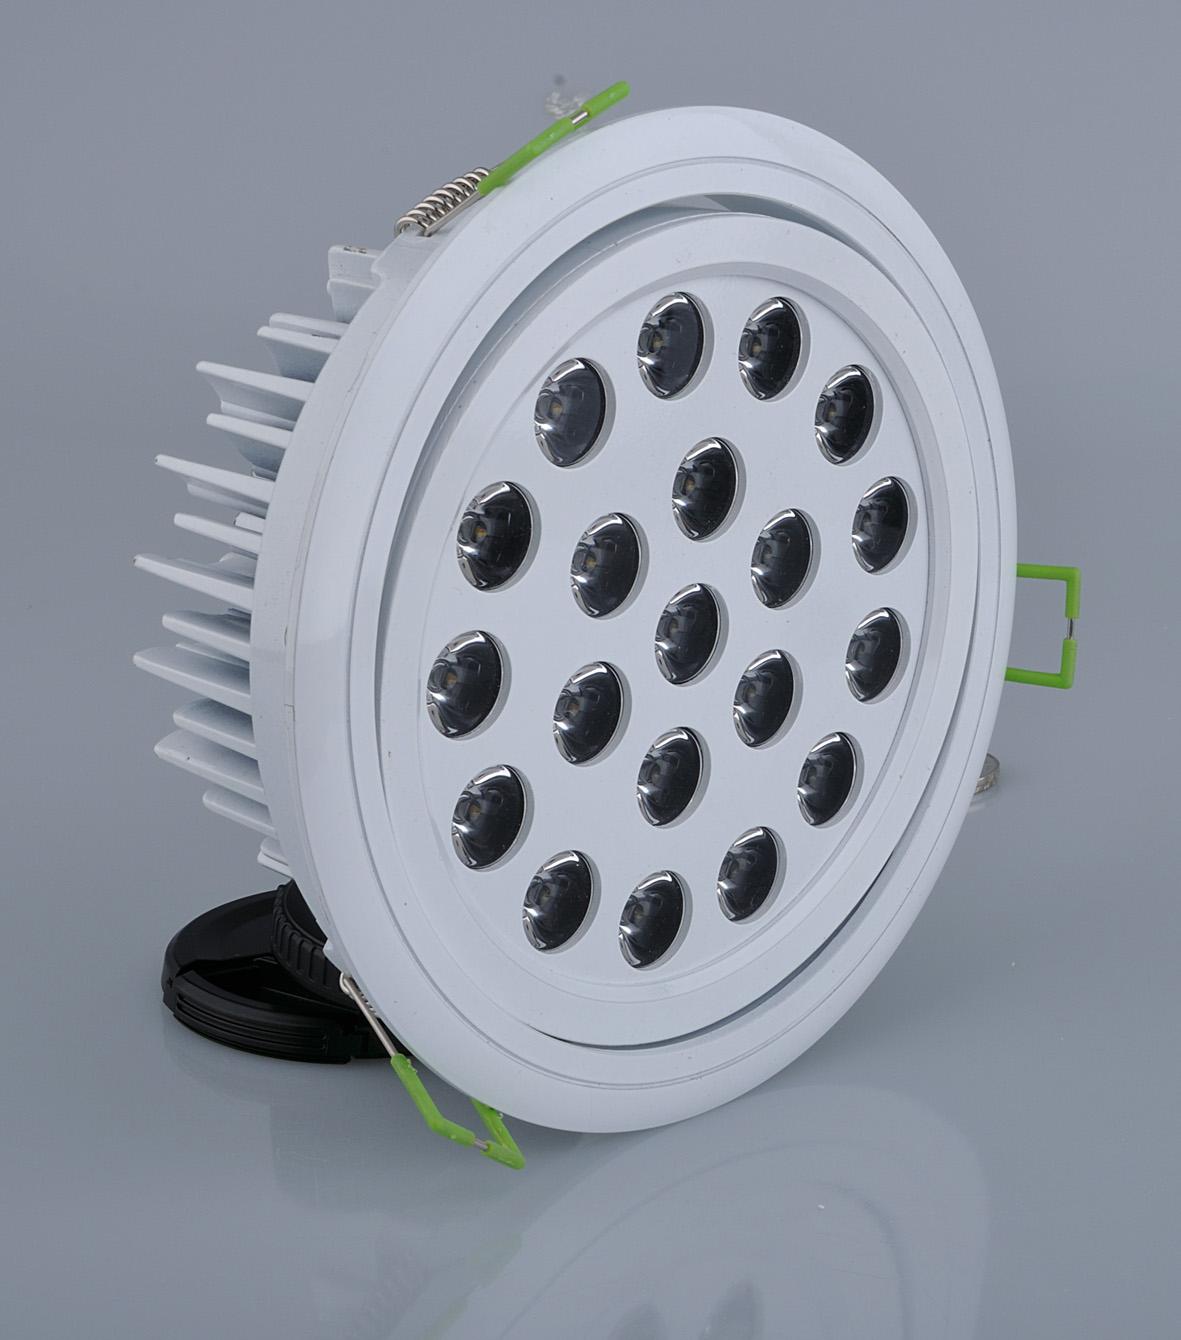 家用led照明灯具